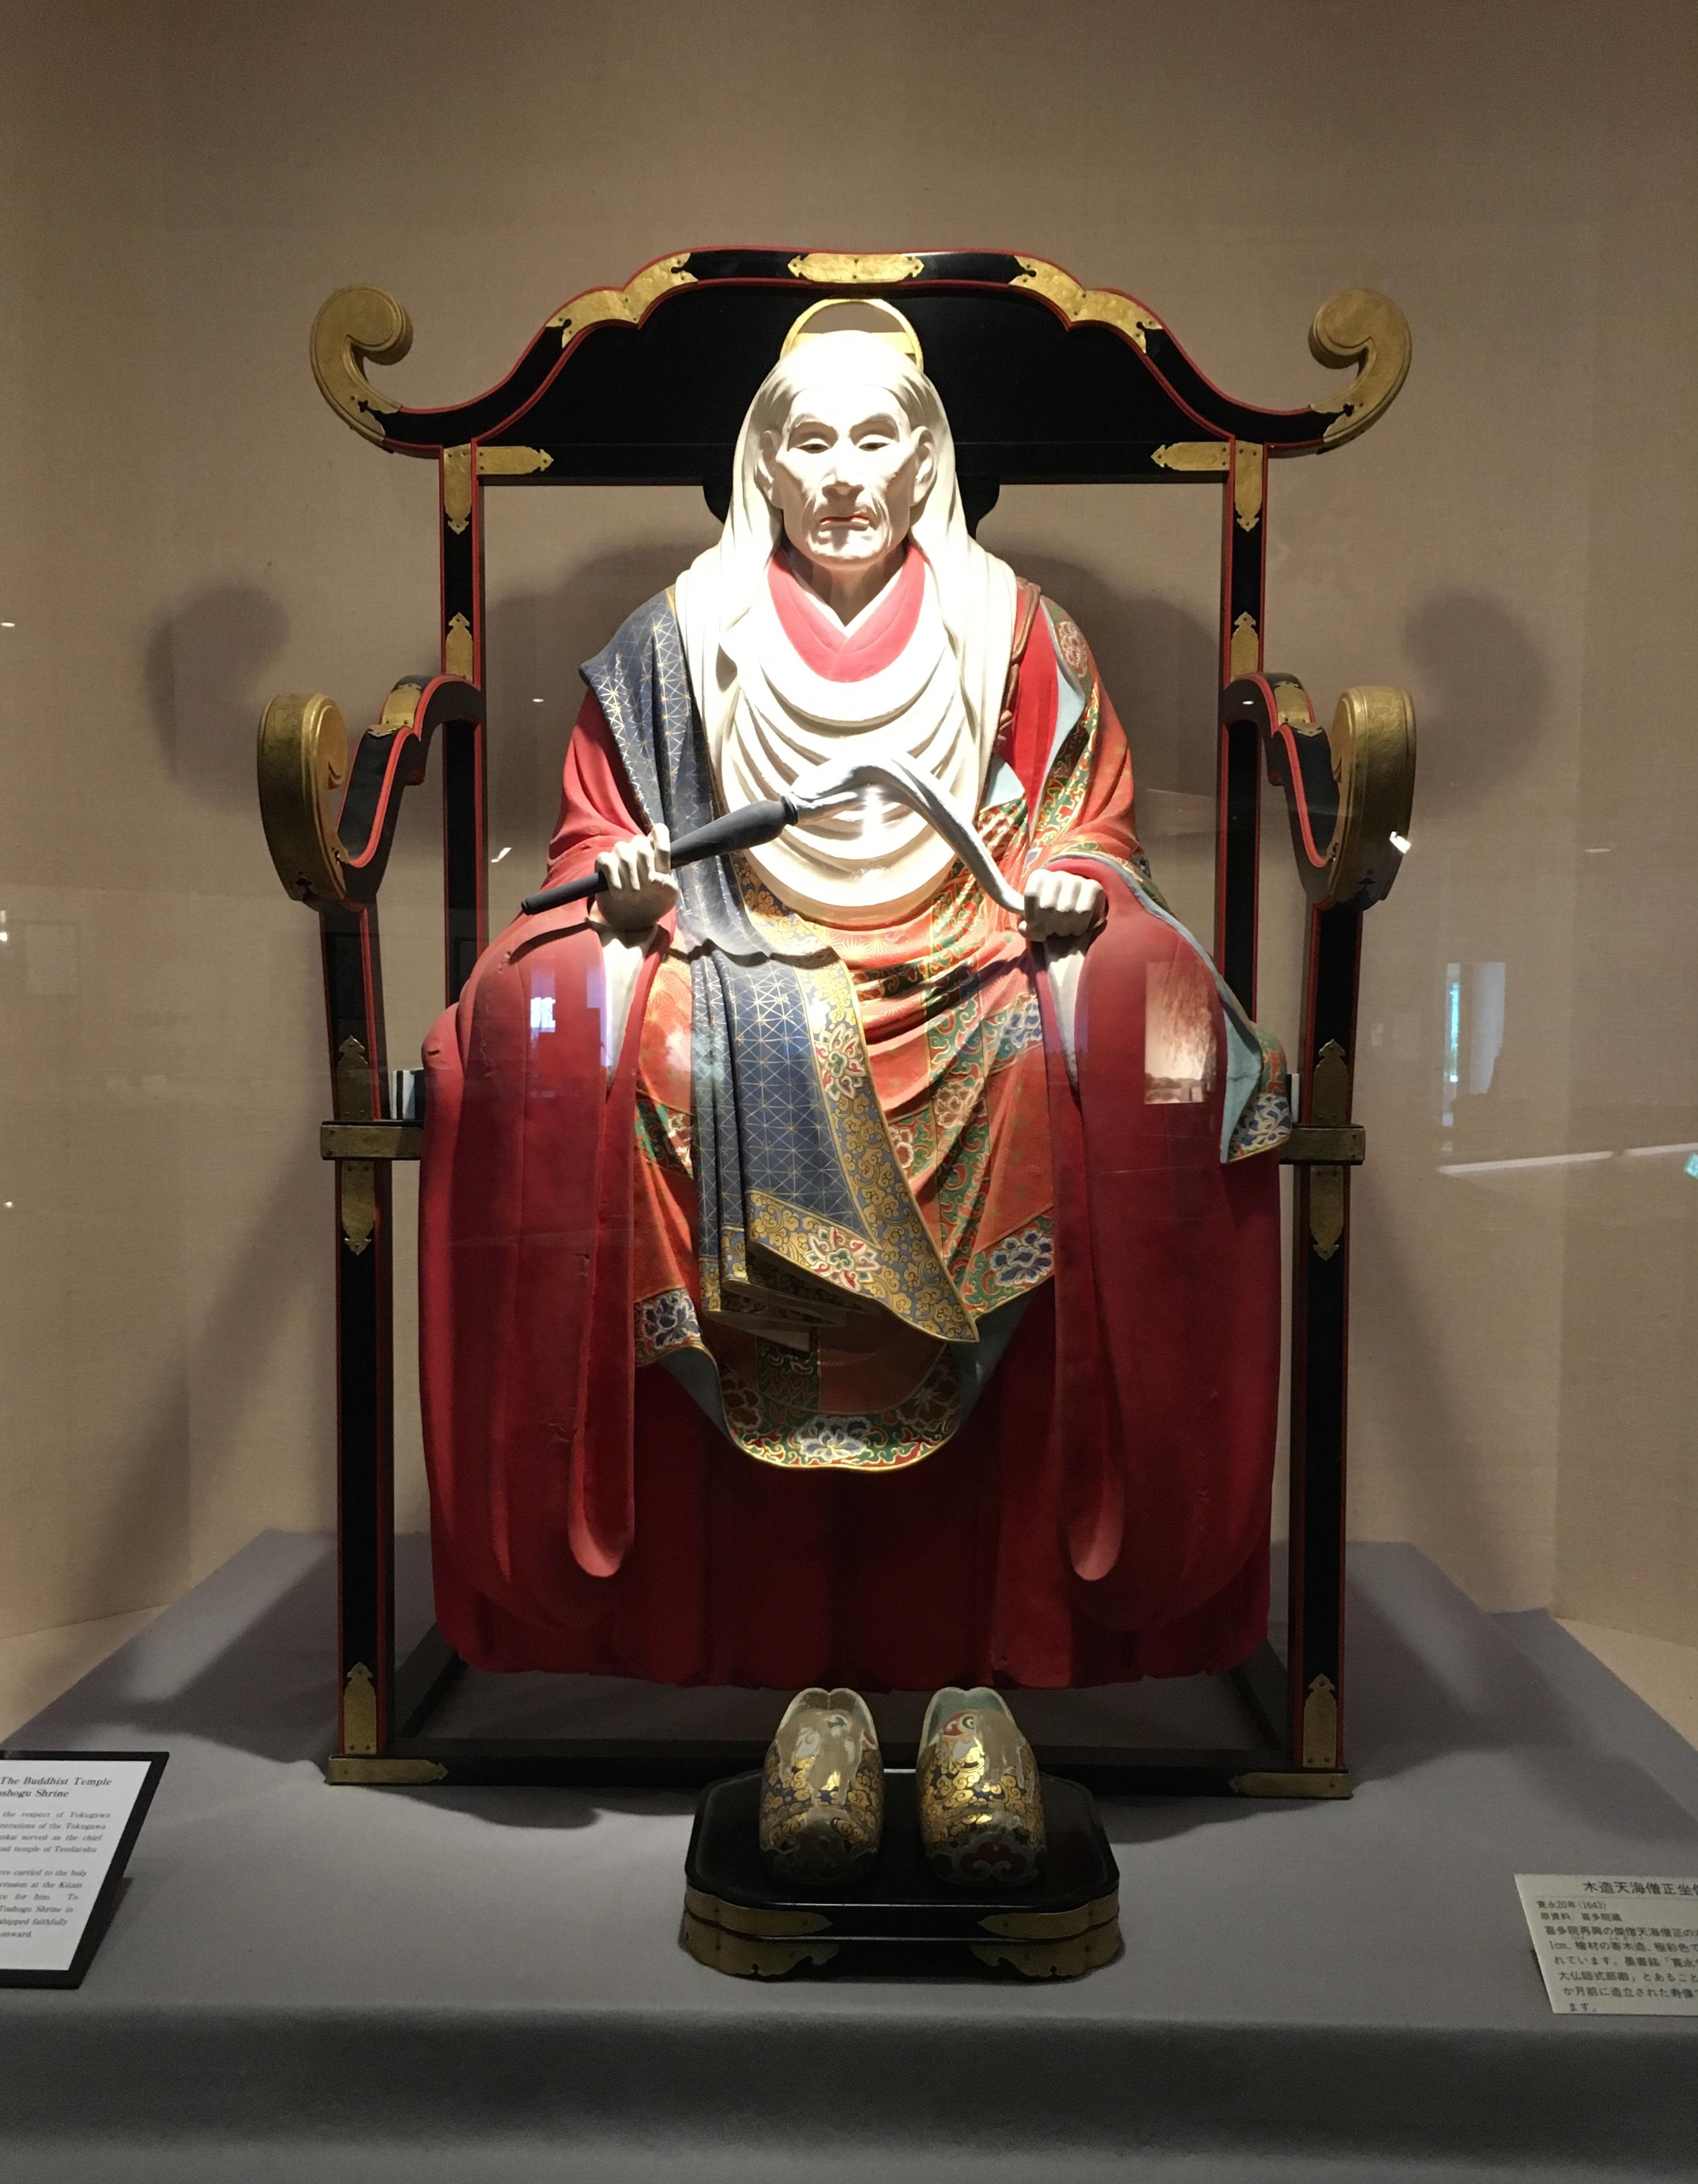 僧正 天海 5分でわかる「天海僧正」の生涯!江戸の街をつくり晩年の家康のアドバイザーだった彼をわかりやすく歴女が解説